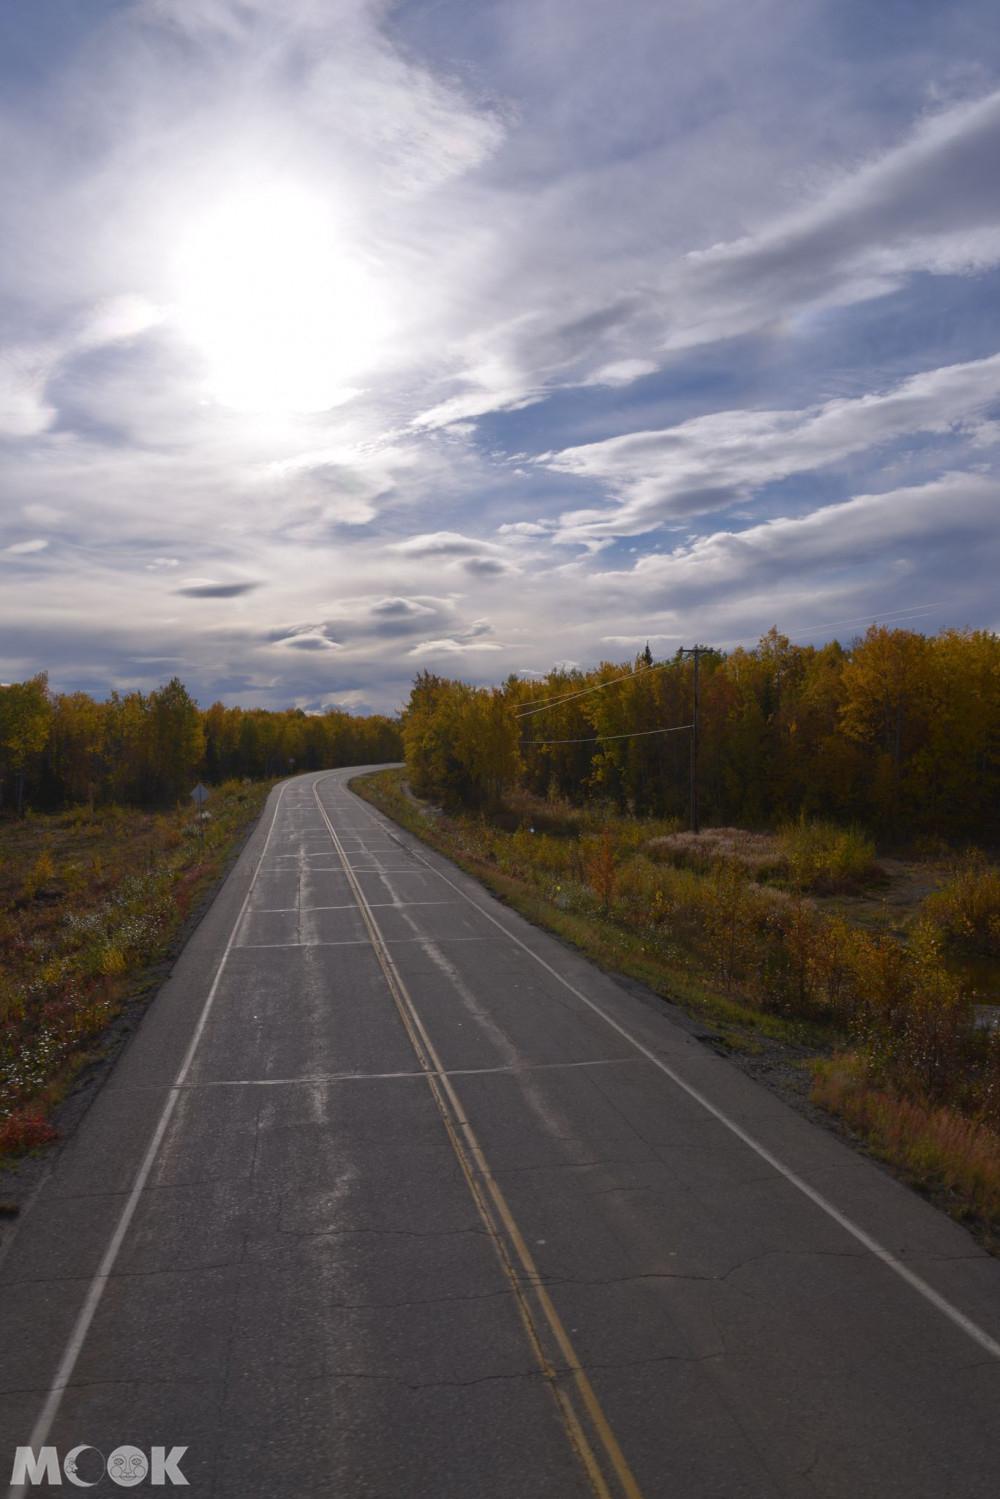 阿拉斯加公路風景